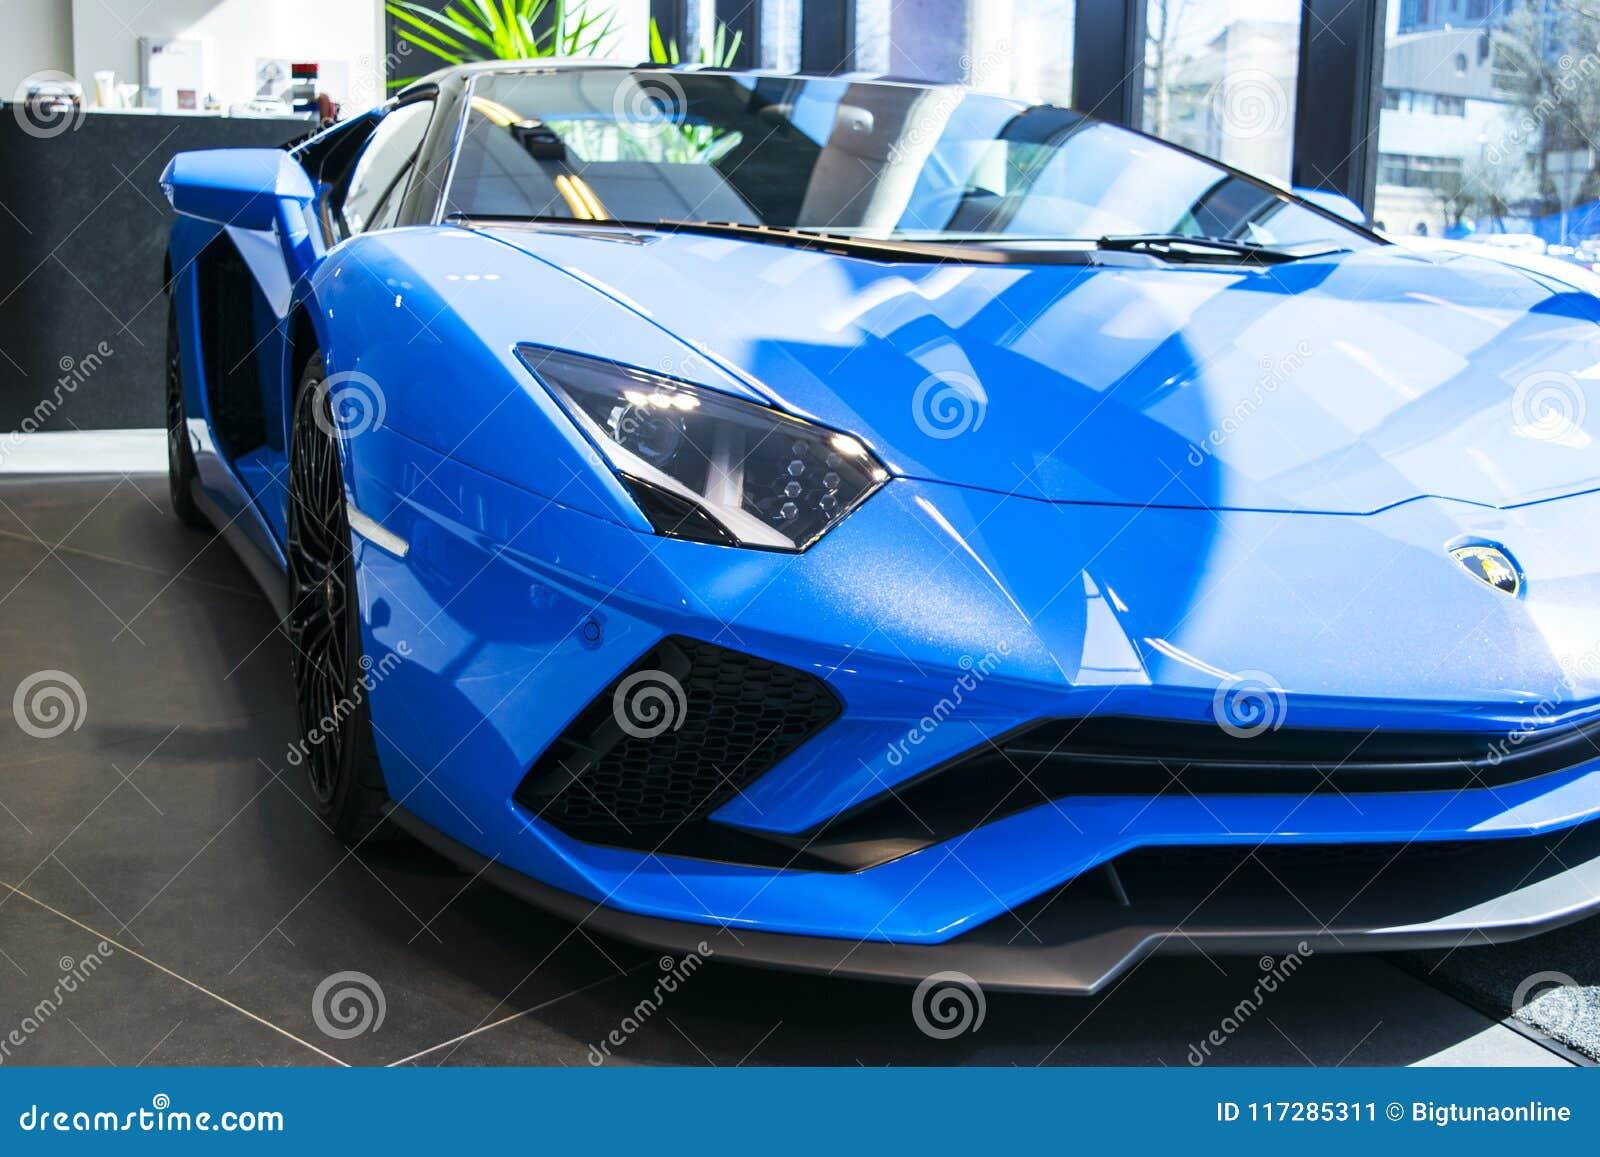 Vooraanzicht van een nieuwe coupé van Lamborghini Aventador S koplamp Auto het detailleren Auto buitendetails